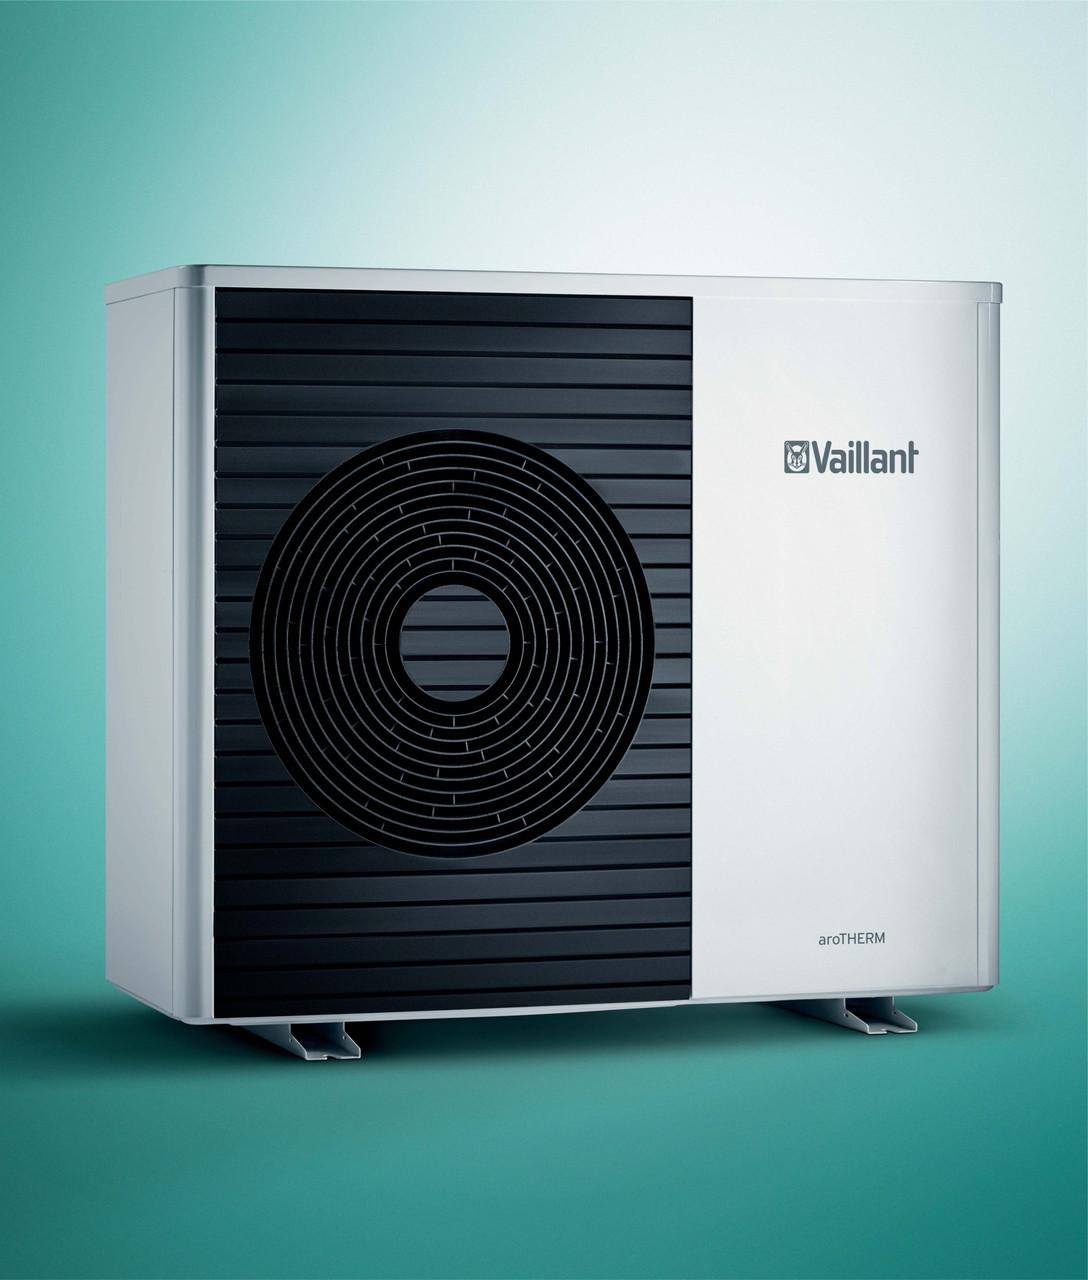 Тепловой насос для отопления, горячего водоснабжения и охлаждения Vaillant aroTHERM split VWL 35/5 AS 230V